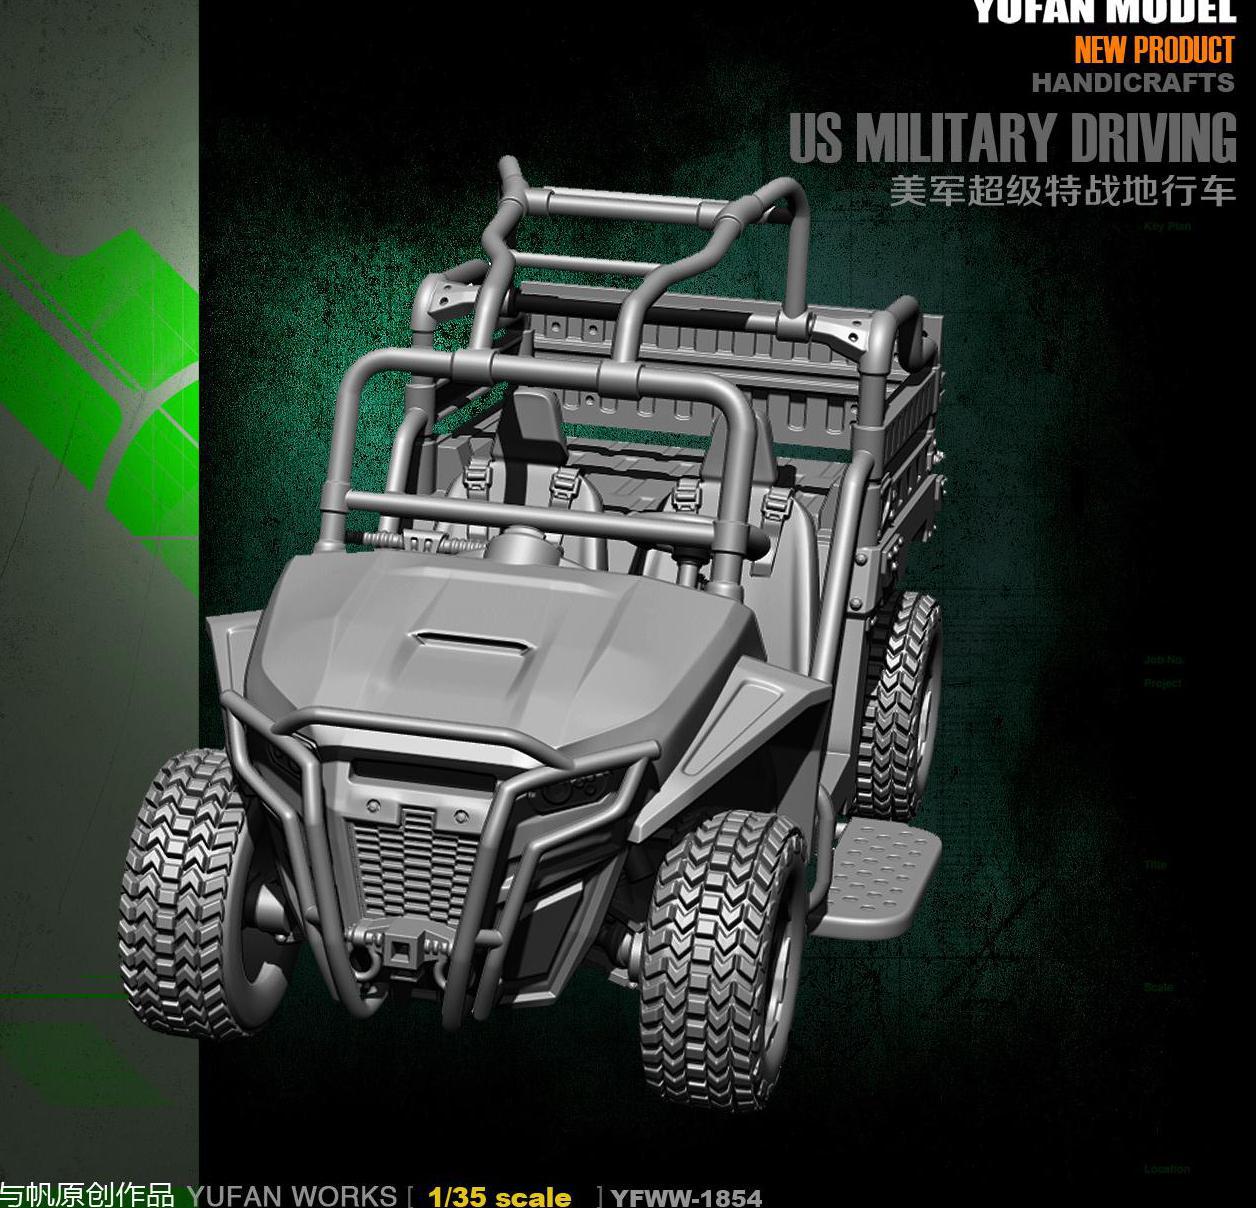 Yufan Model 1/35 Resin Model Oorspronkelijk YFWW35 1854 Van U. s. Leger Terreinwagen-in Modelbouwen Kits van Speelgoed & Hobbies op  Groep 1